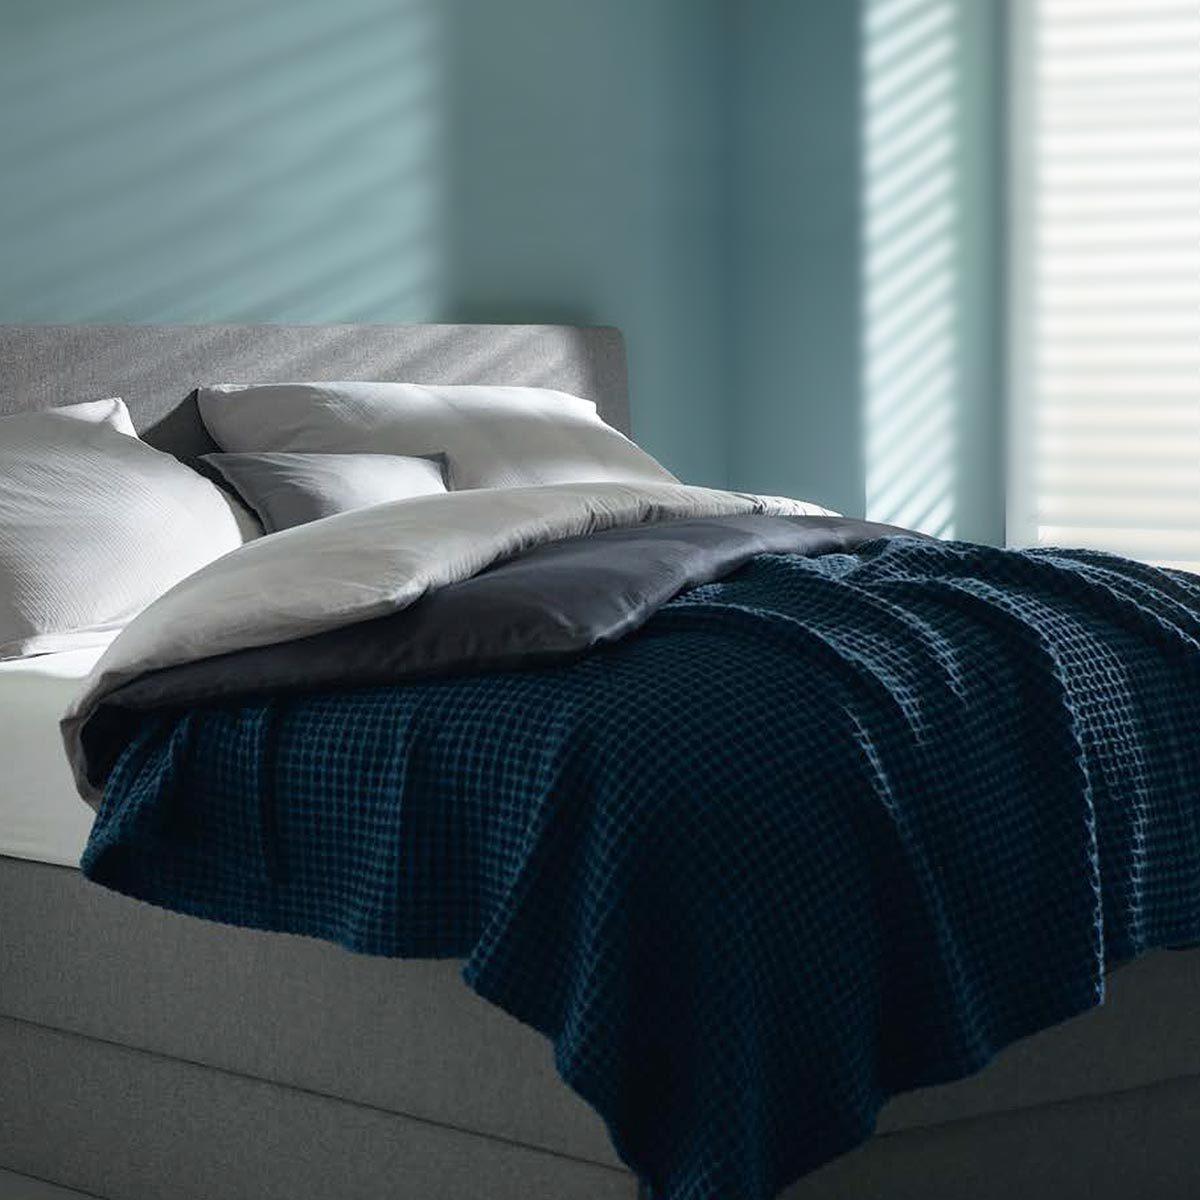 0086f4255f Schlafgut Casual Cotton Uni Tagesdecke 9850 Waffeloptik günstig ...